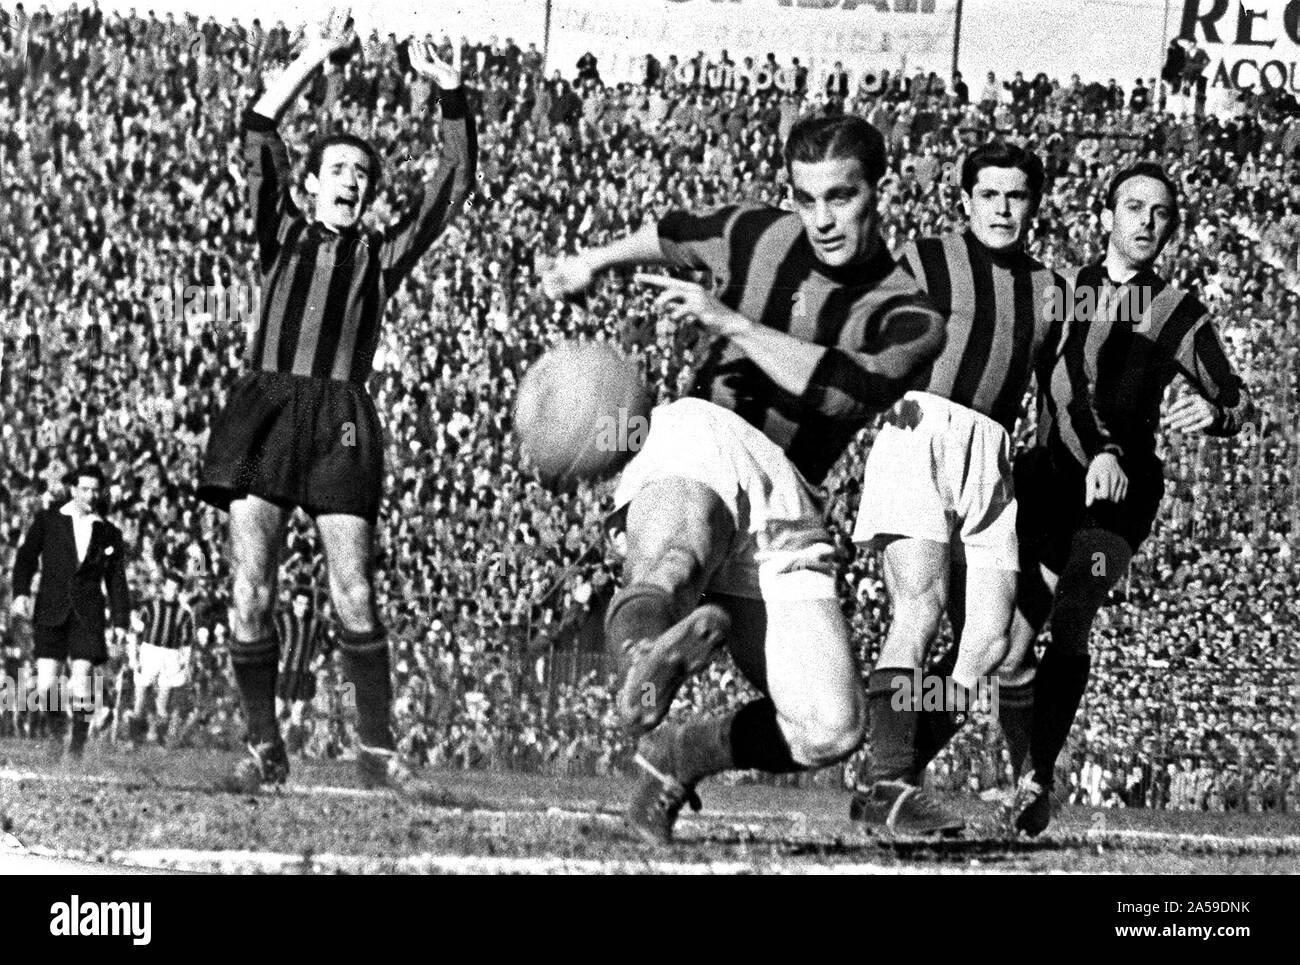 Milano, Stadio di San Siro, 25 marzo 1951. Rossonero Gunnar Nordahl (centro) ha segnato il gol decisivo durante il derby tra Inter e Milan (0-1) valido per la ventinovesima giornata del Campionato Italiano 1950- 51. Foto Stock